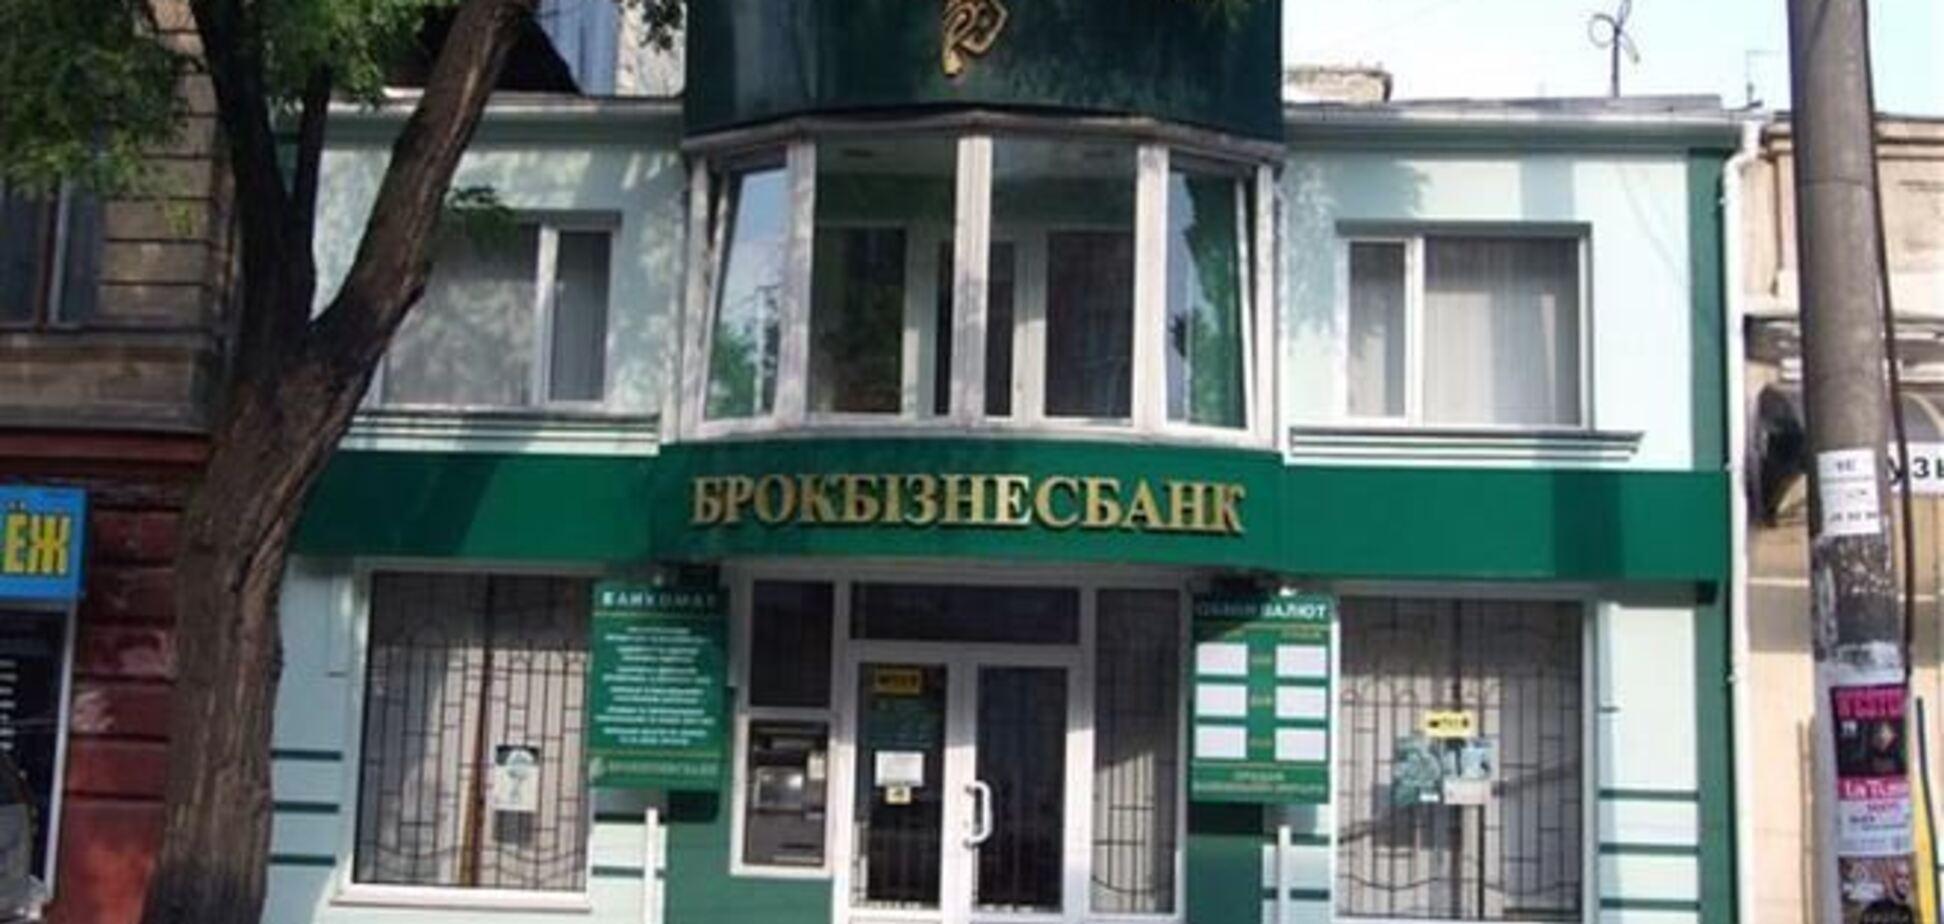 Реал банк и Брокбизнесбанк признали неплатежеспособными